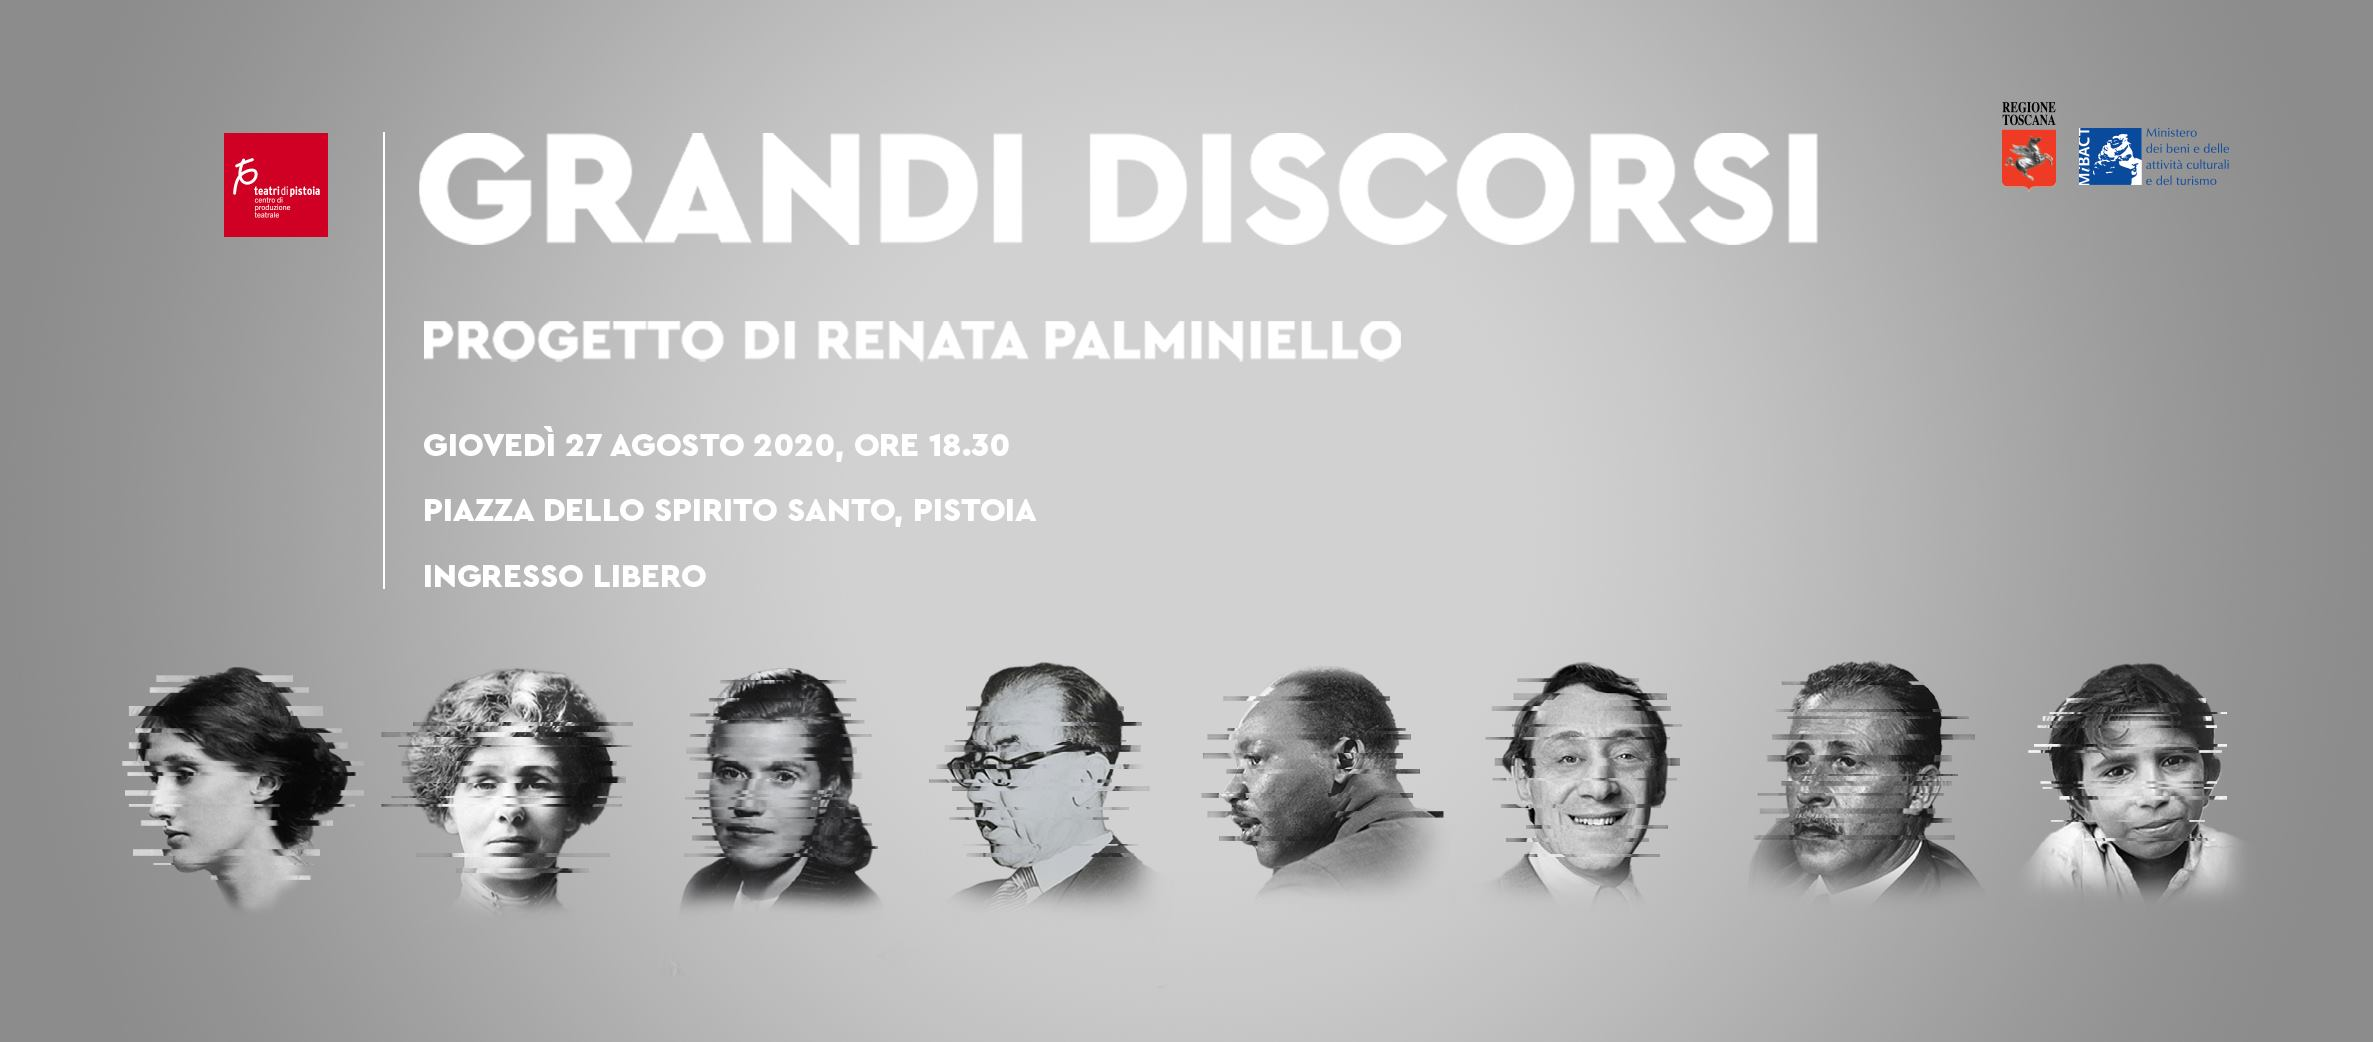 Renata Palminiello ٭ Grandi Discorsi